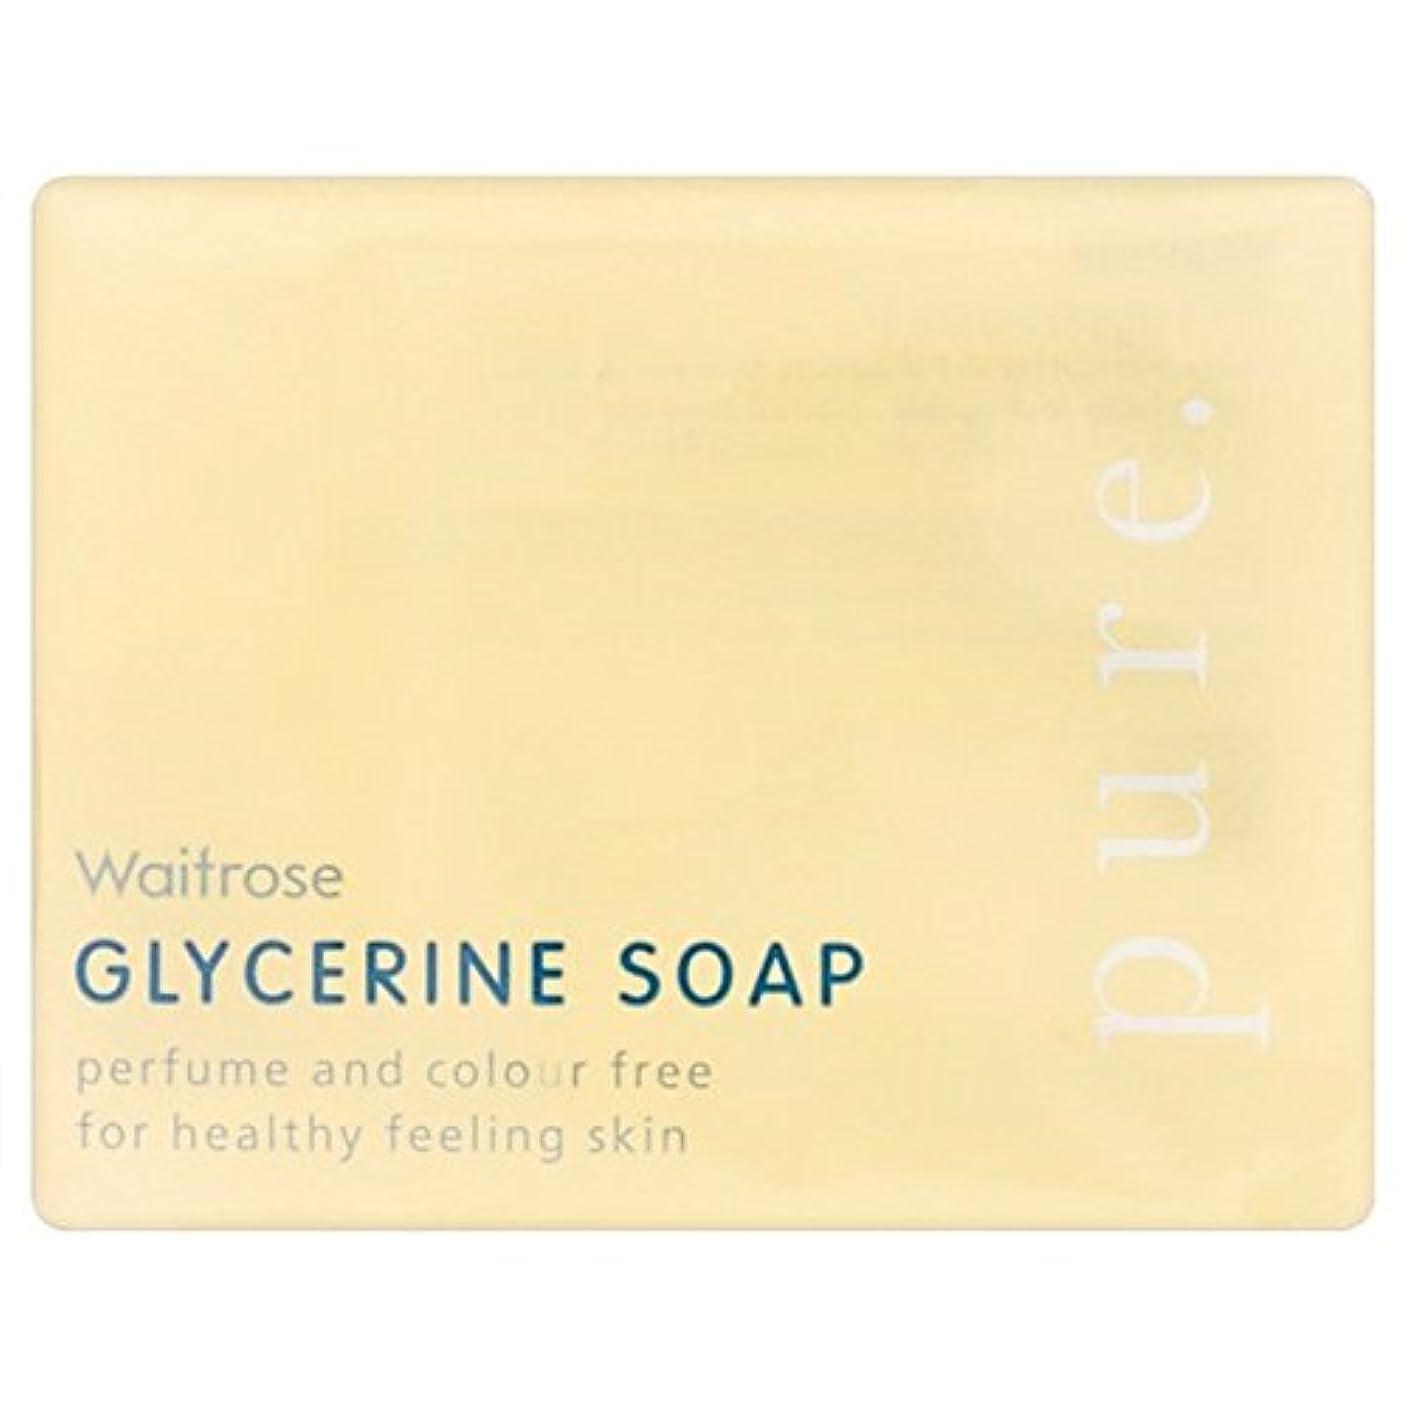 こねるスペア接触Pure Glycerine Soap Waitrose 100g (Pack of 6) - 純粋なグリセリンソープウェイトローズの100グラム x6 [並行輸入品]